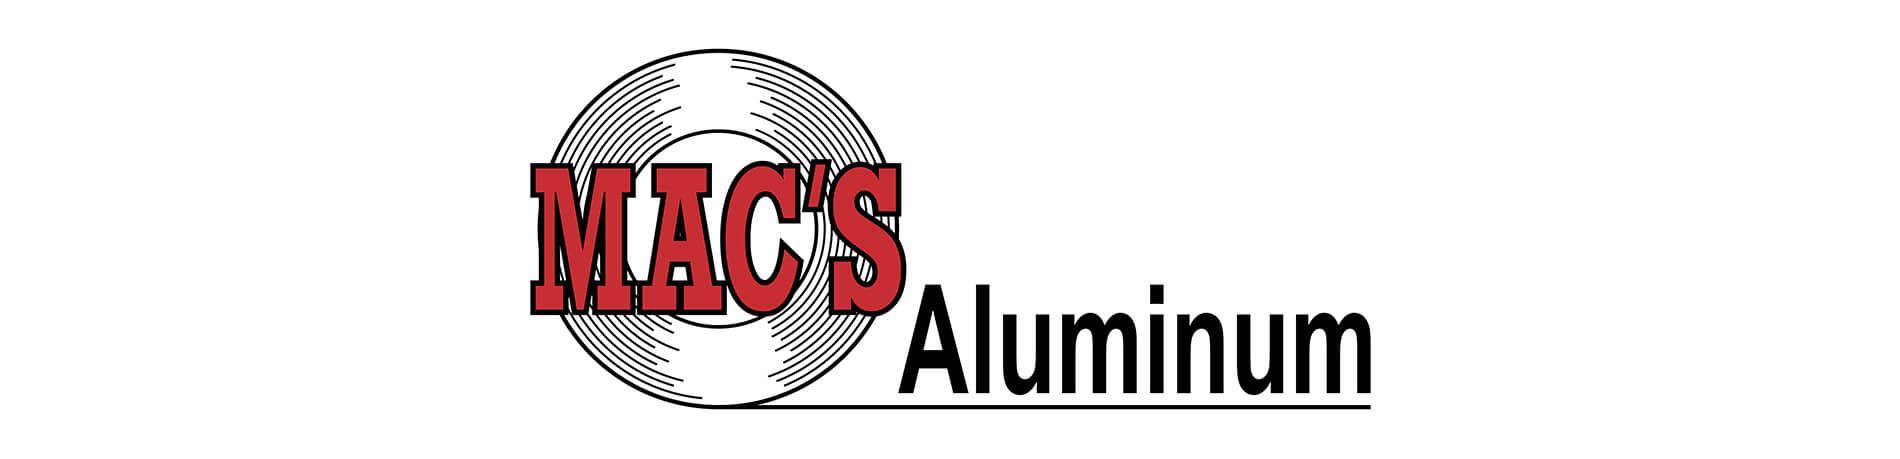 Mac's Aluminum logo